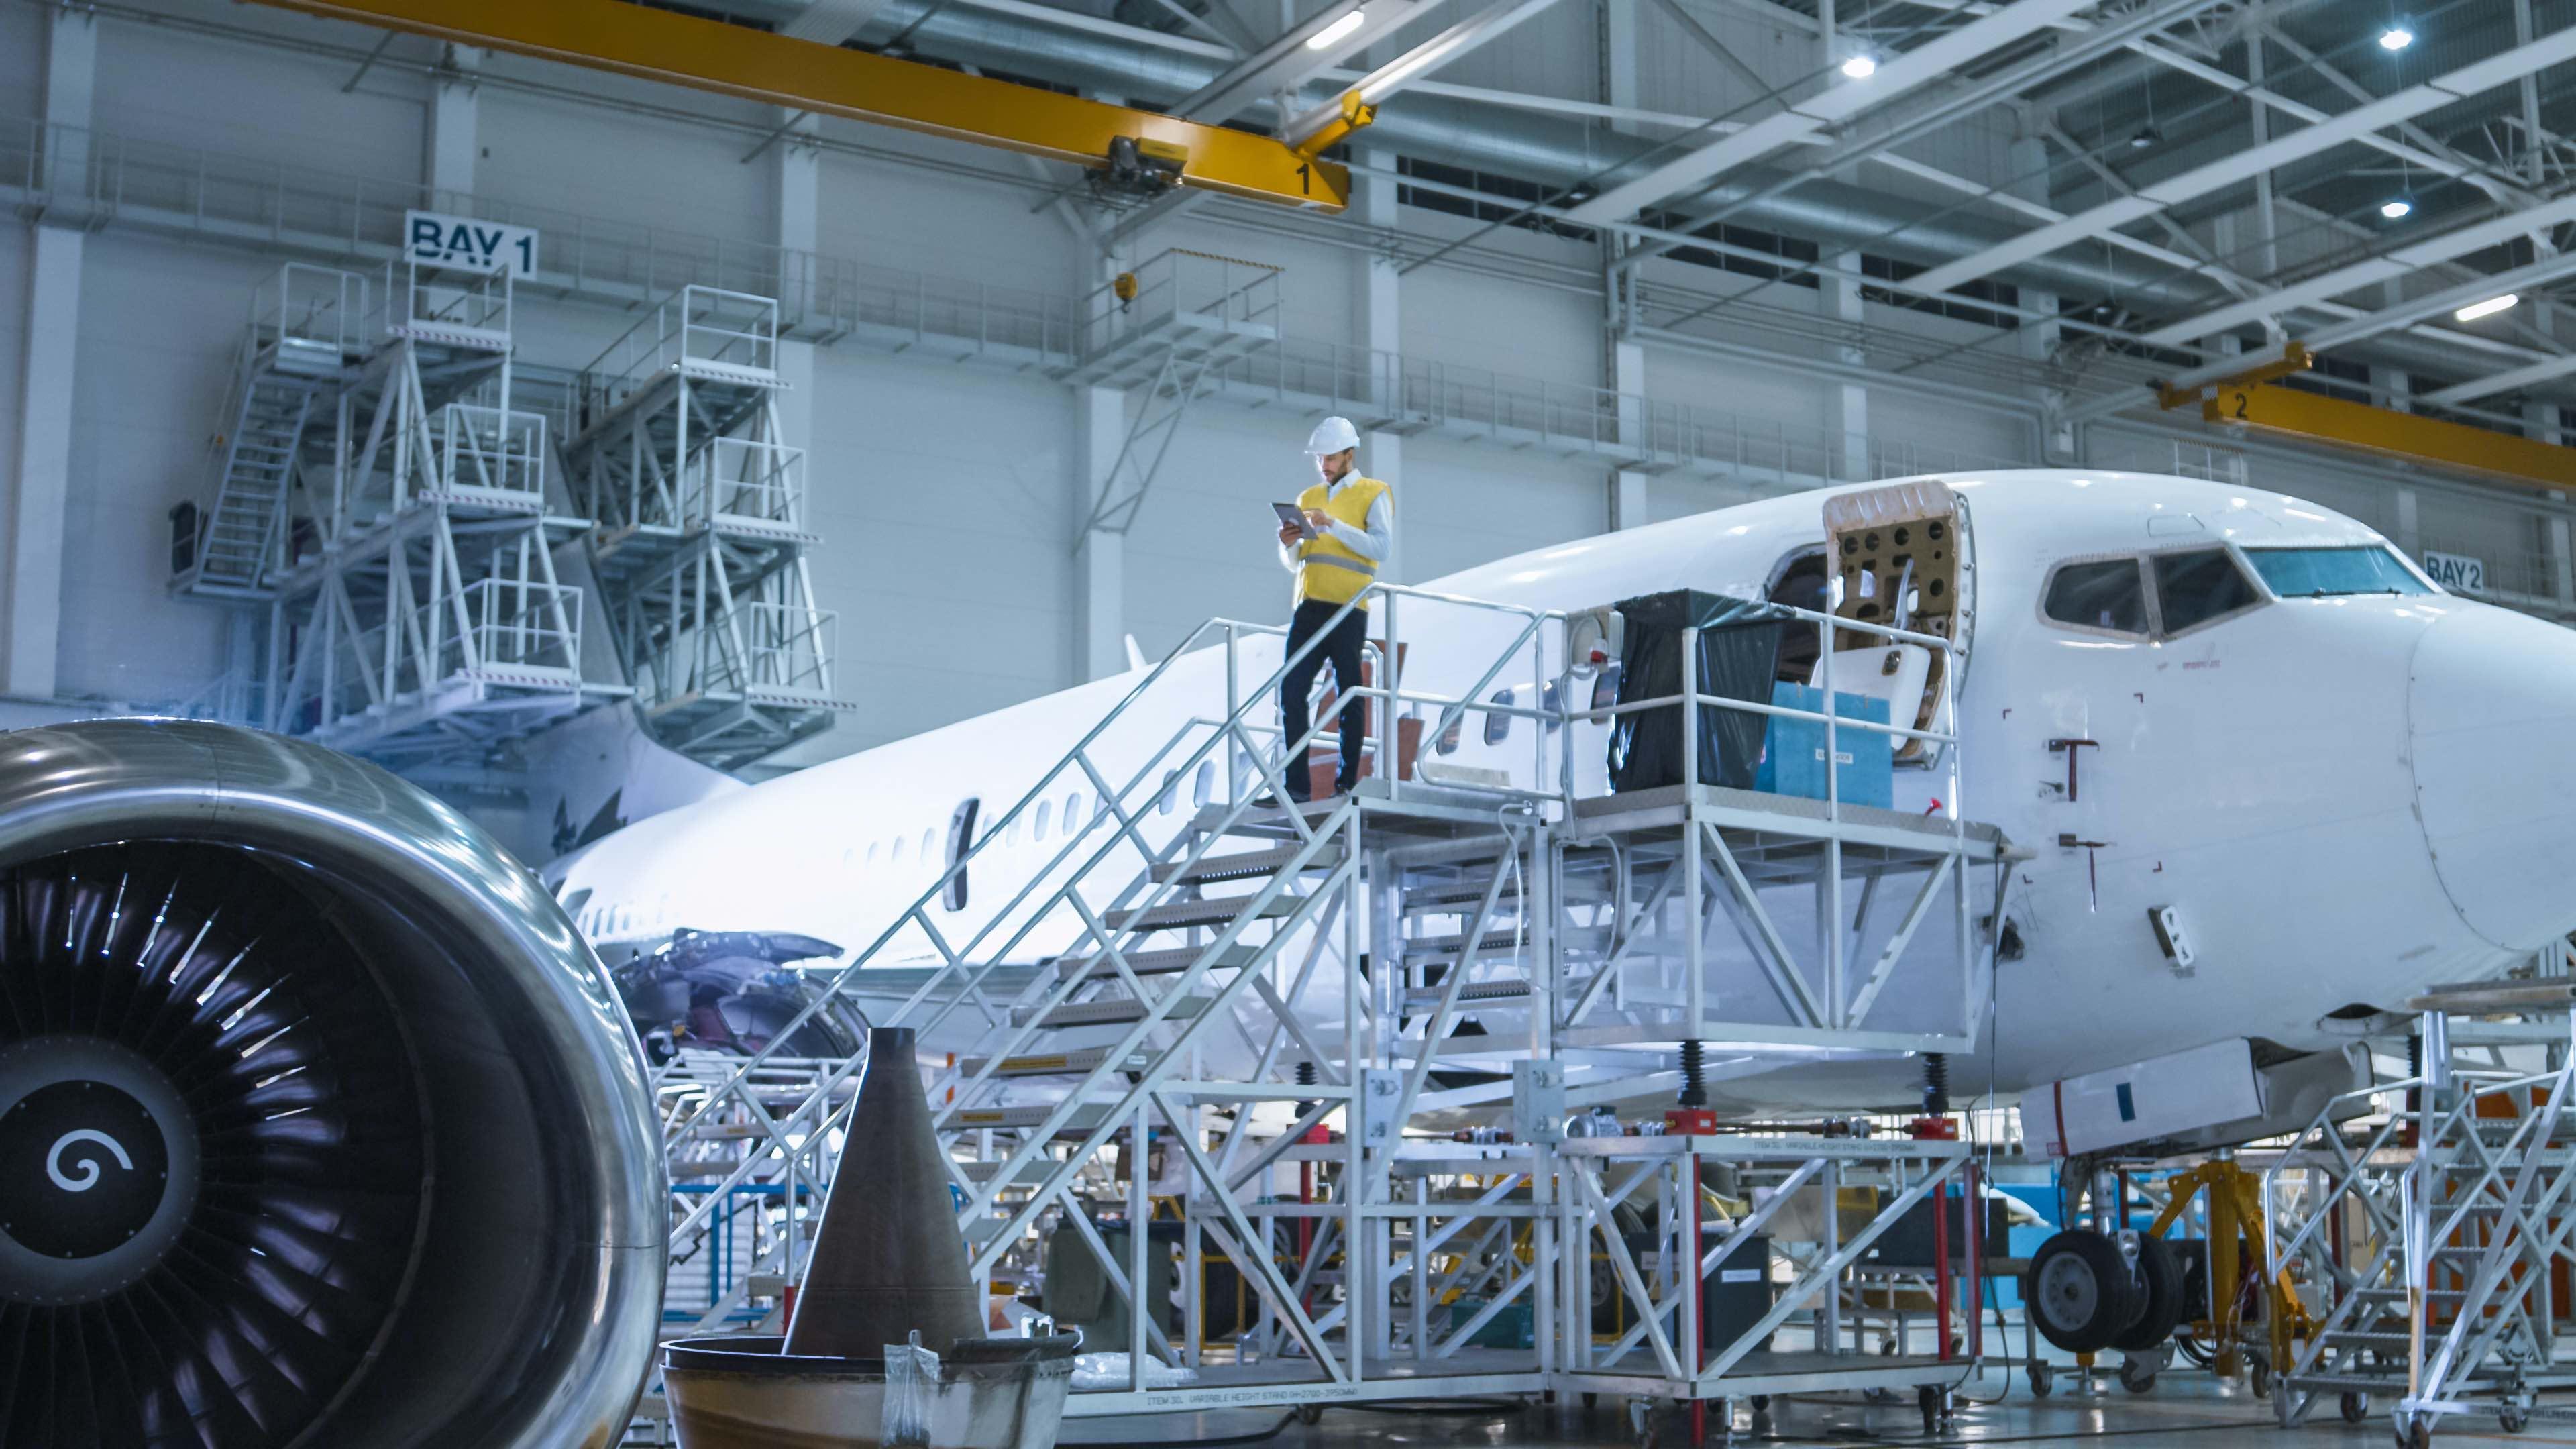 Opération de maintenance aéronautique